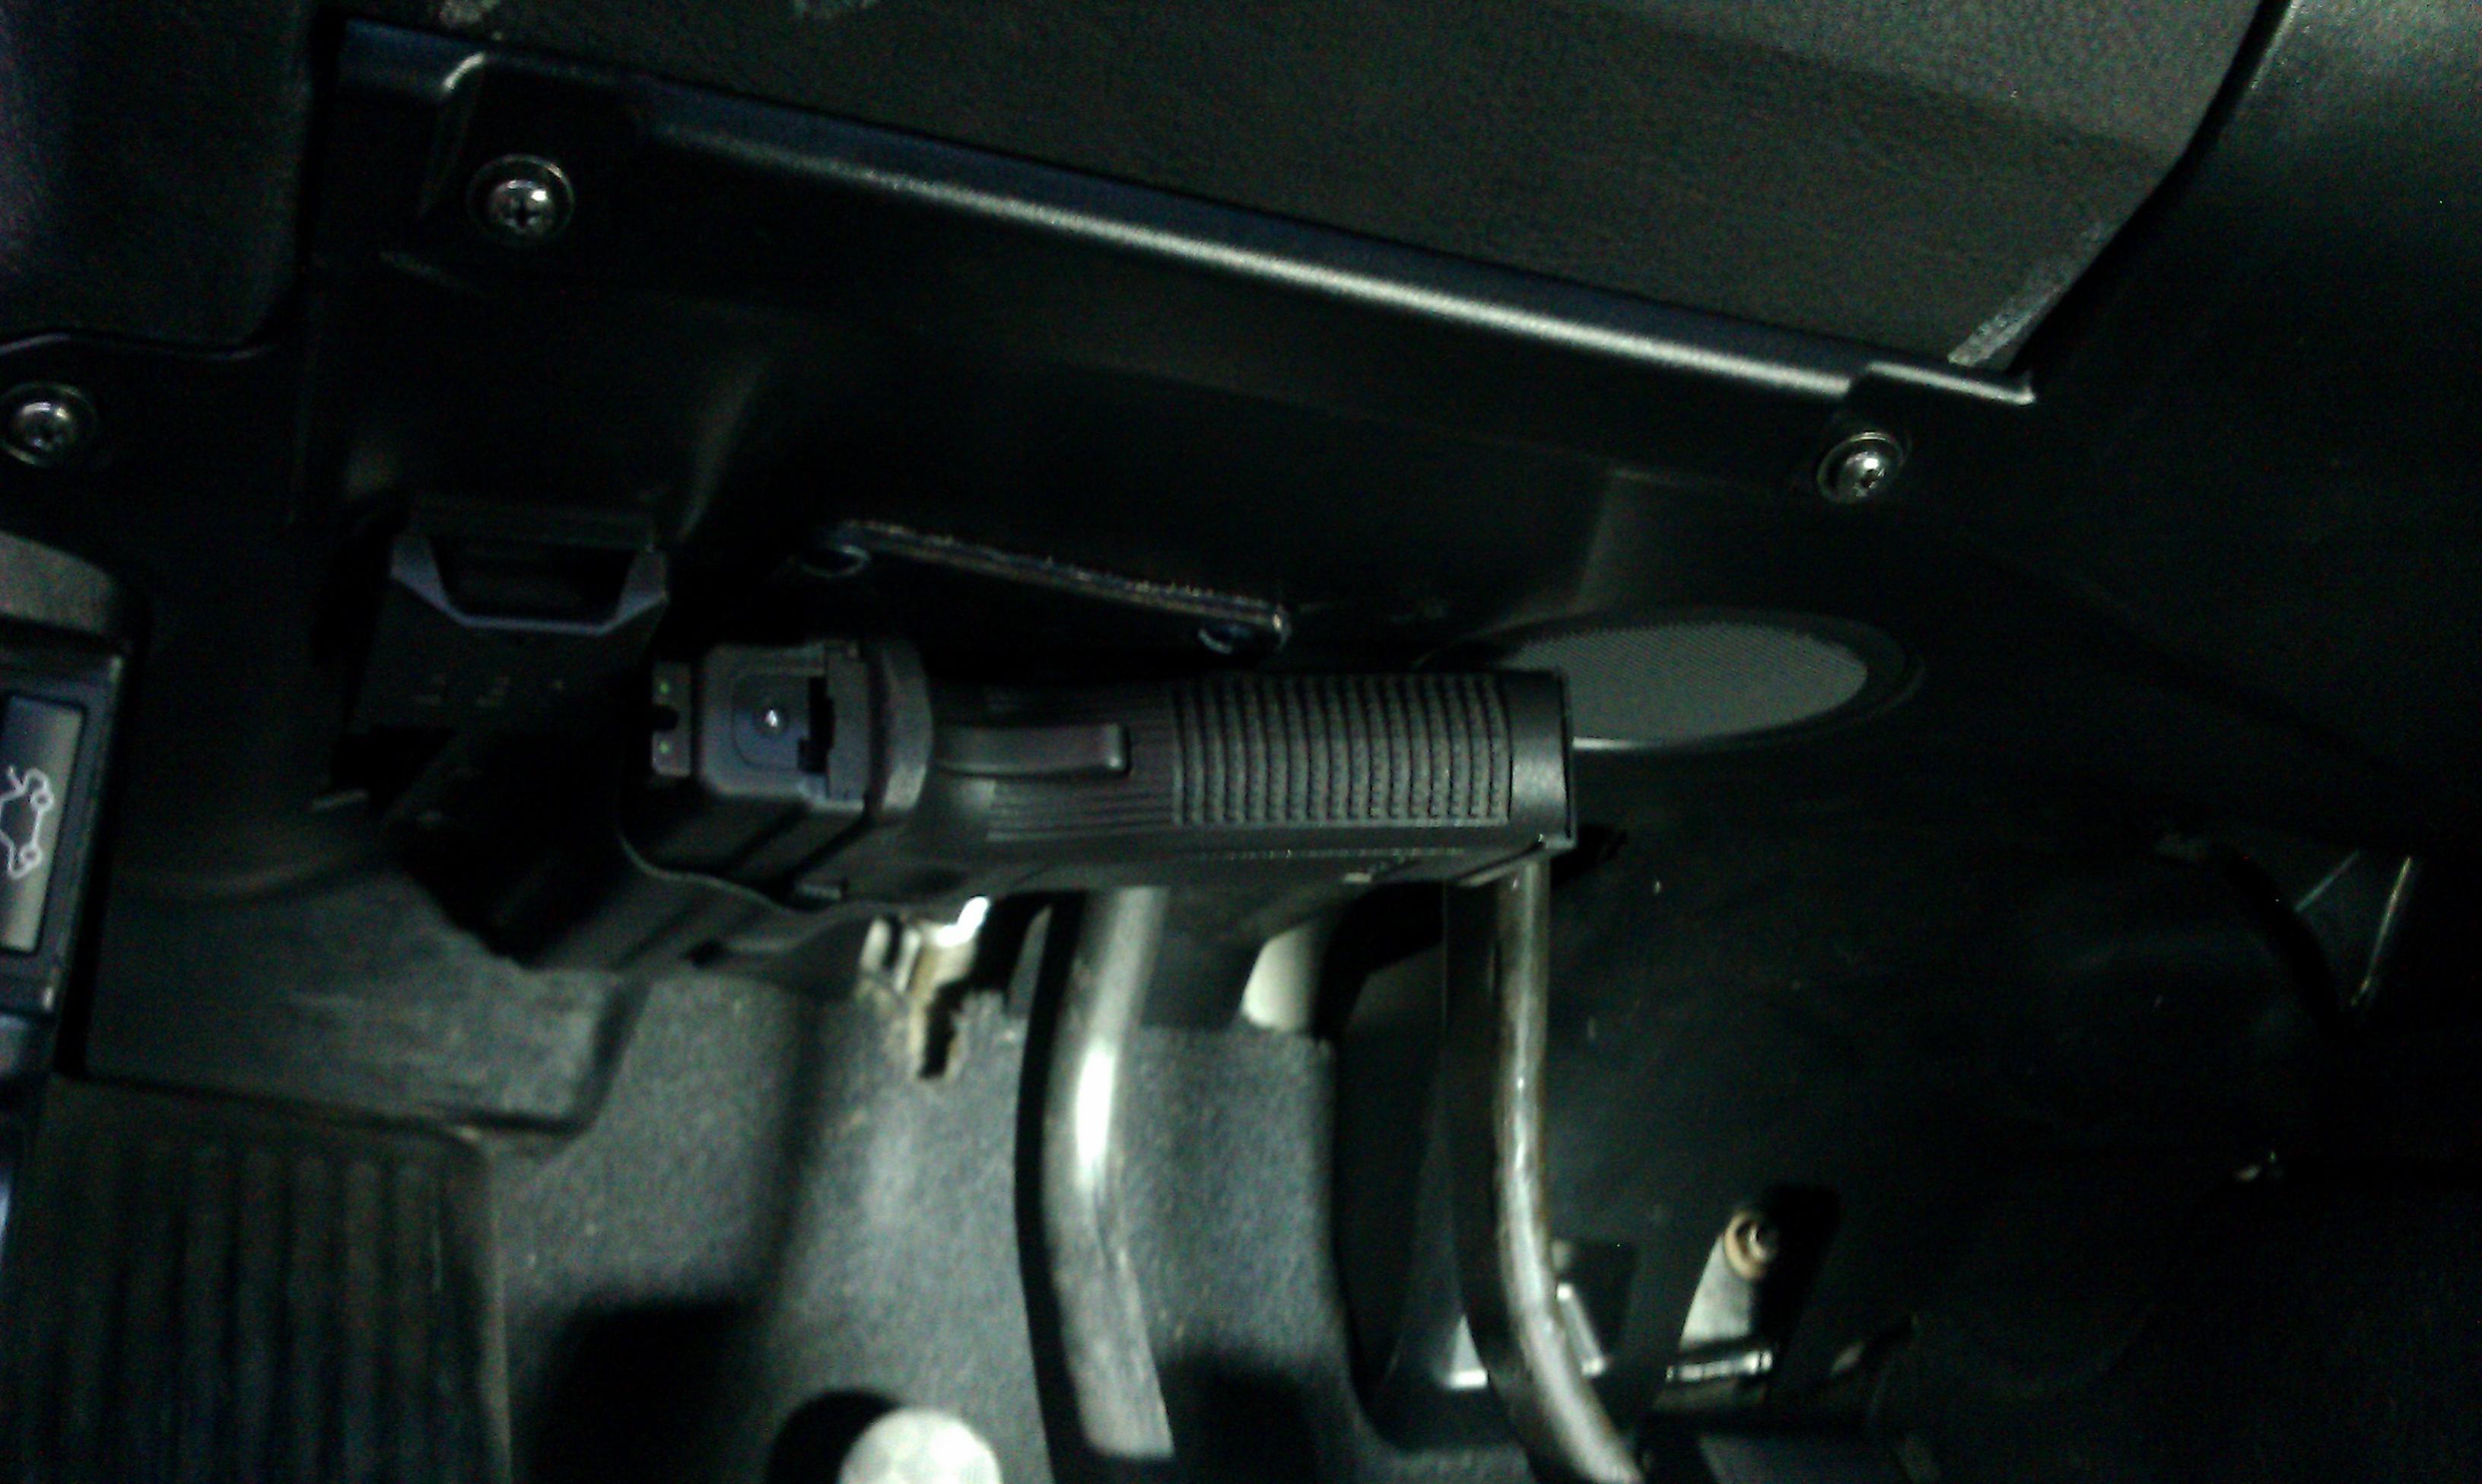 hidden pistol in car-imag0933.jpg